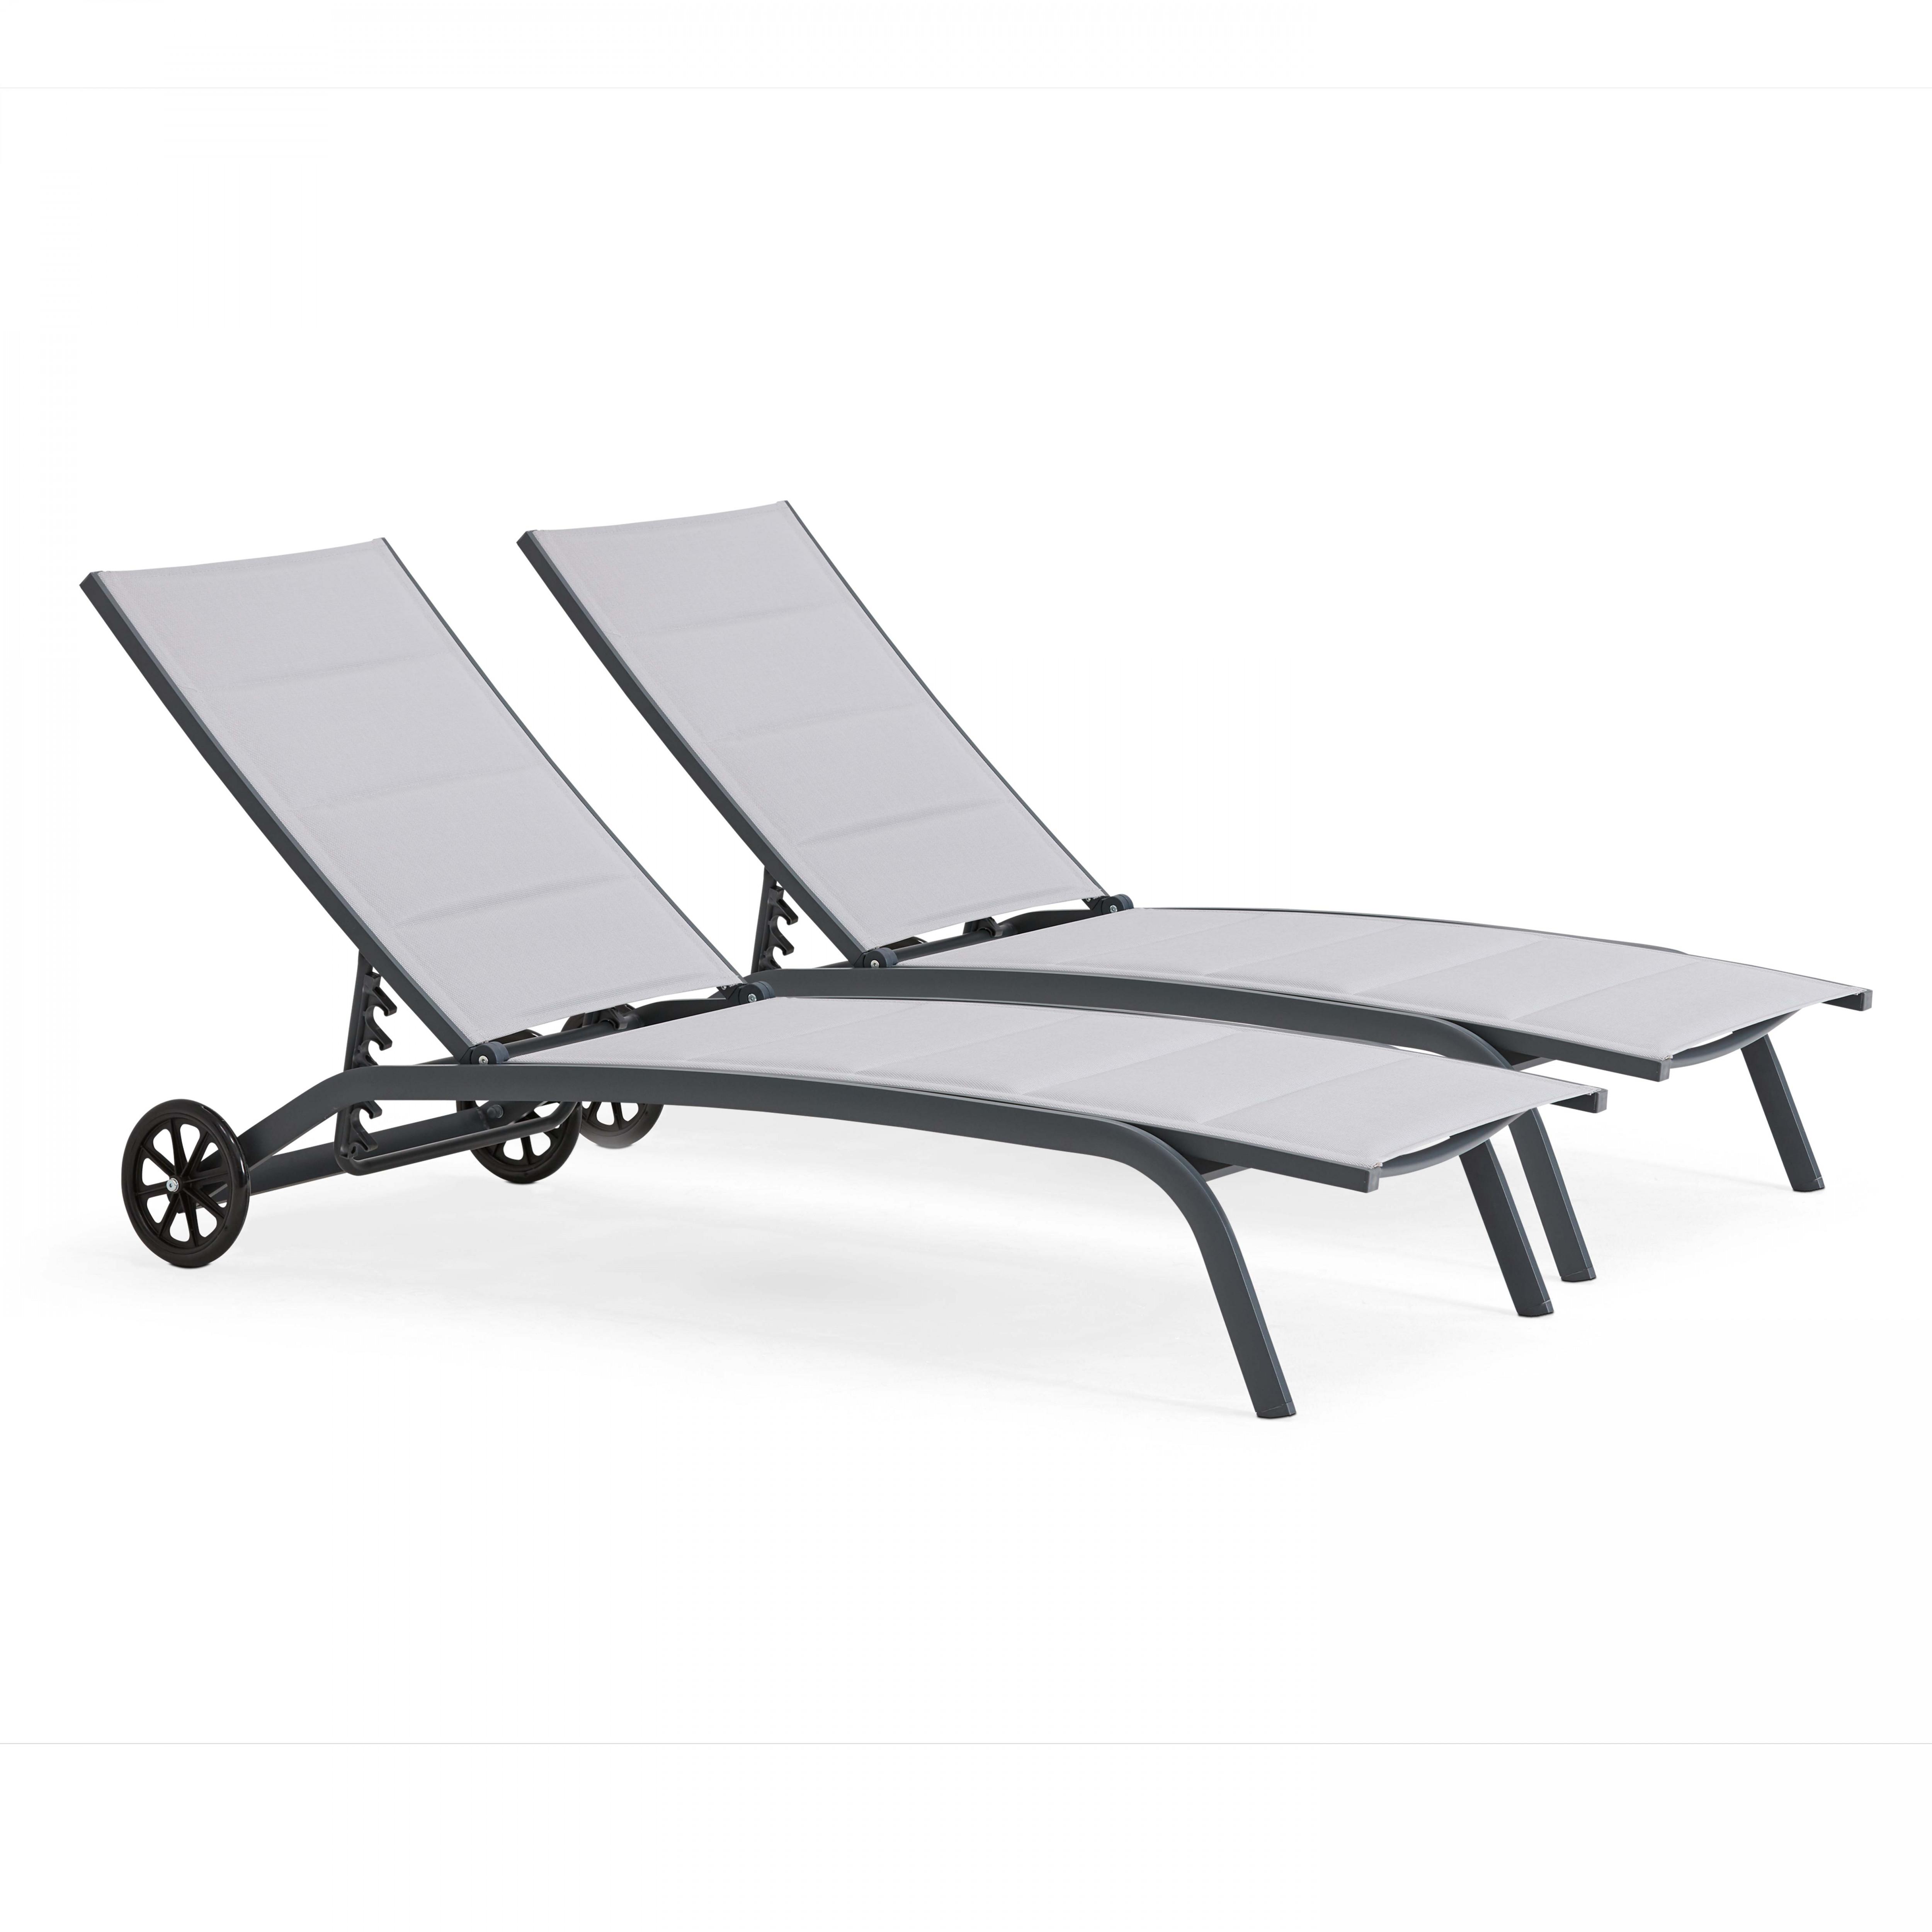 Lot de 2 bains de soleil en aluminium et textilène gris